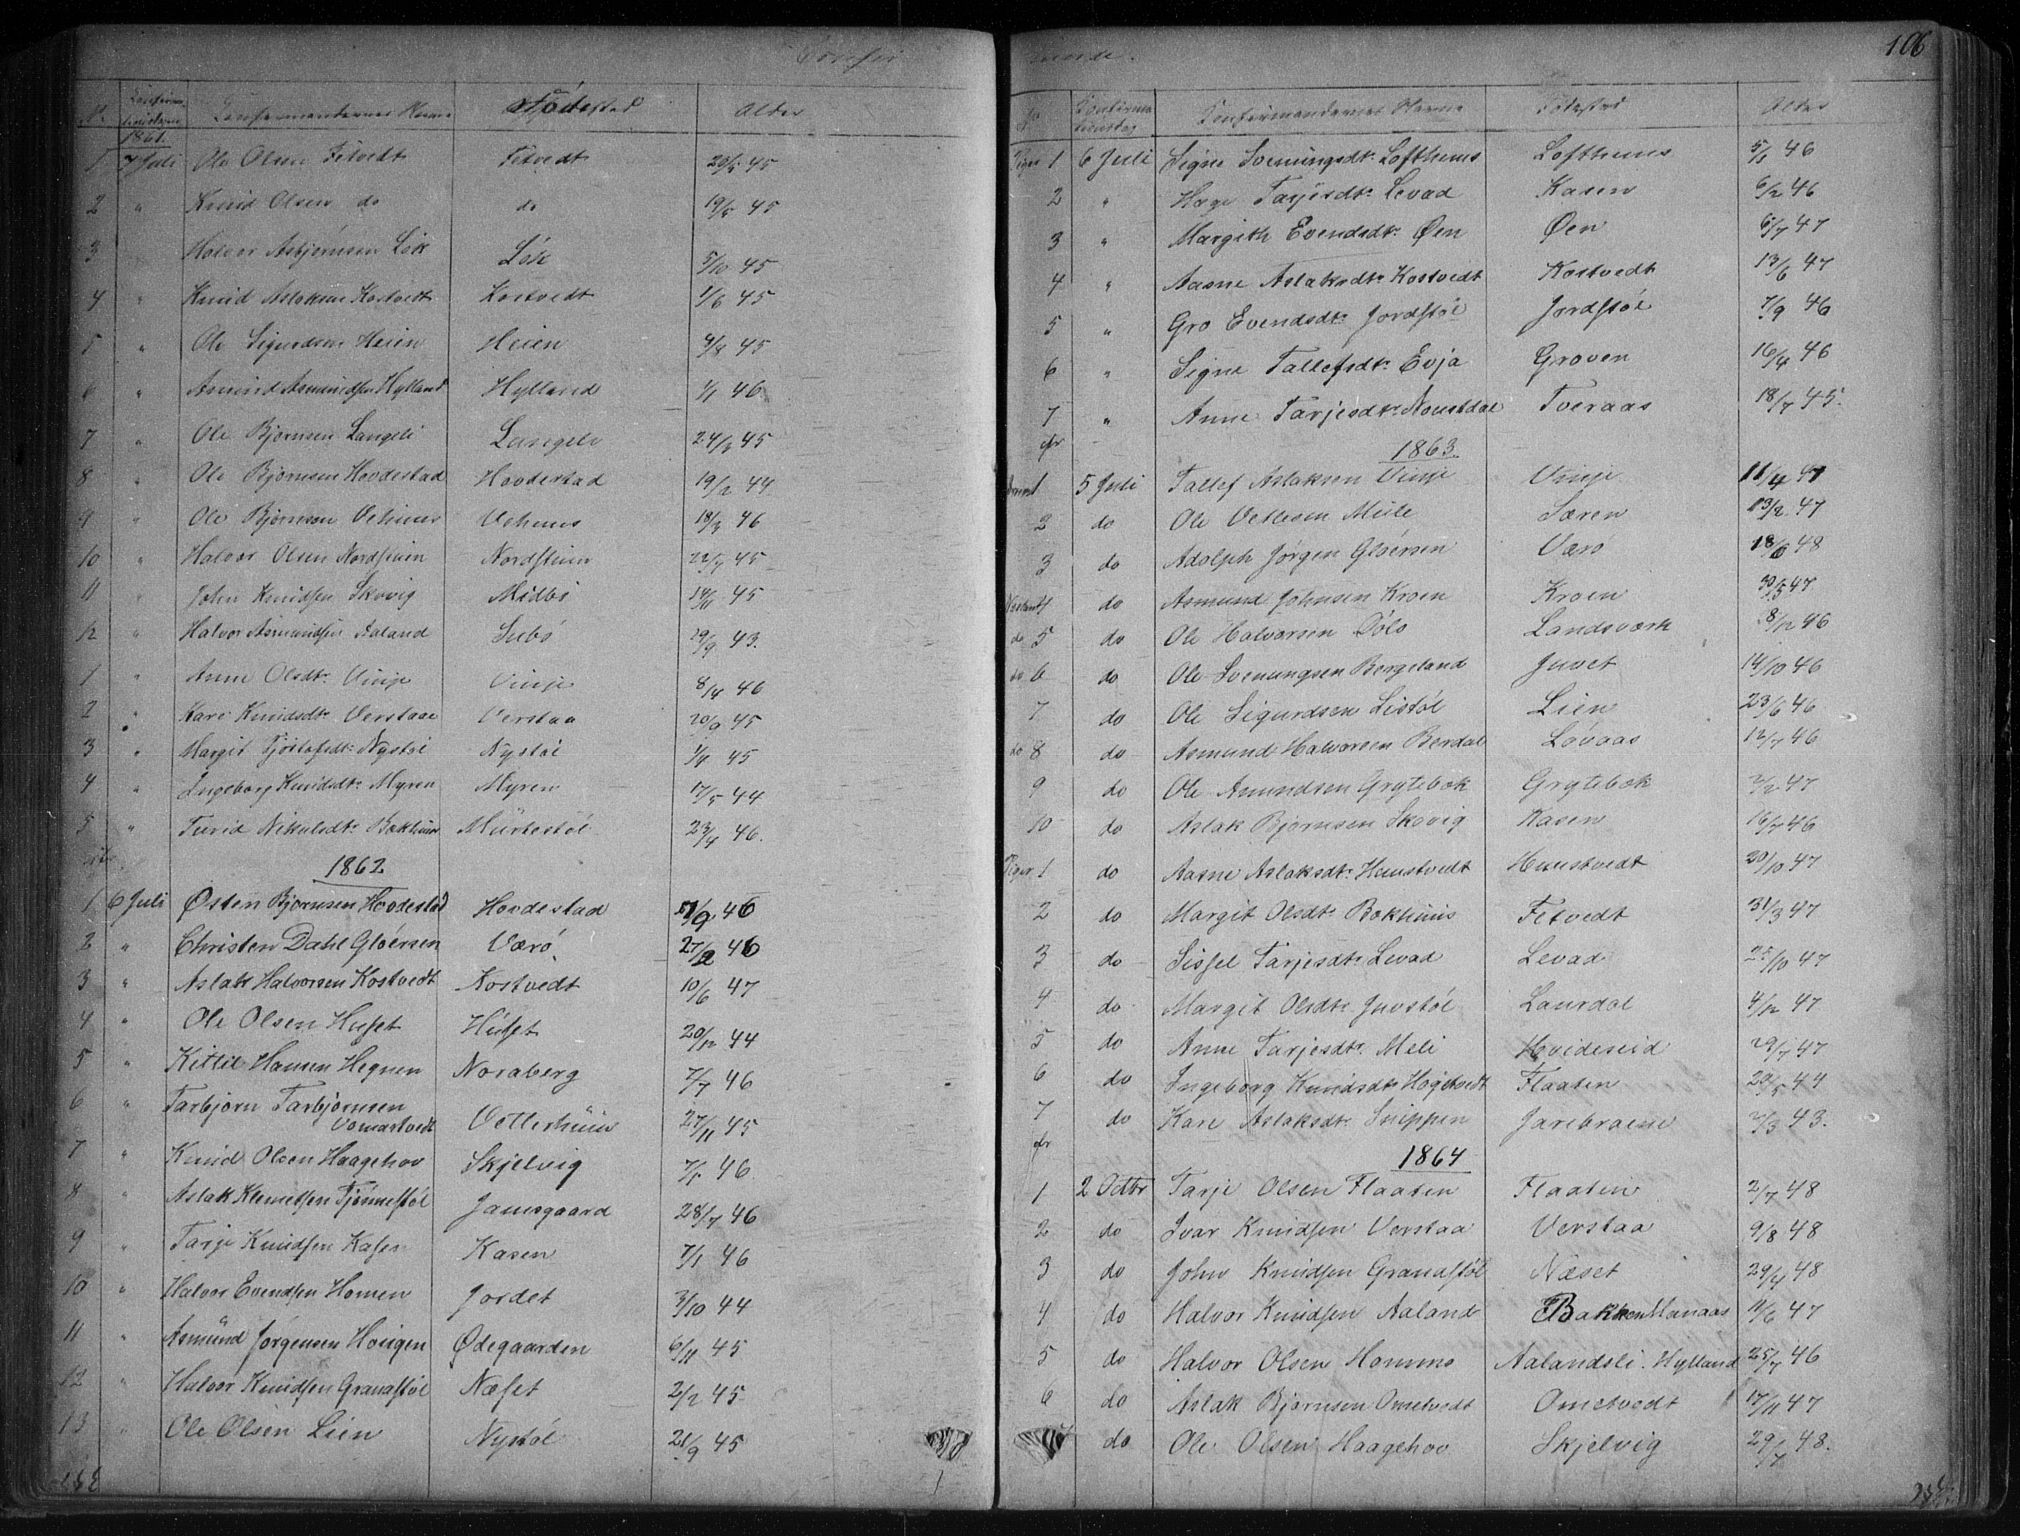 SAKO, Vinje kirkebøker, G/Ga/L0002: Klokkerbok nr. I 2, 1849-1893, s. 106